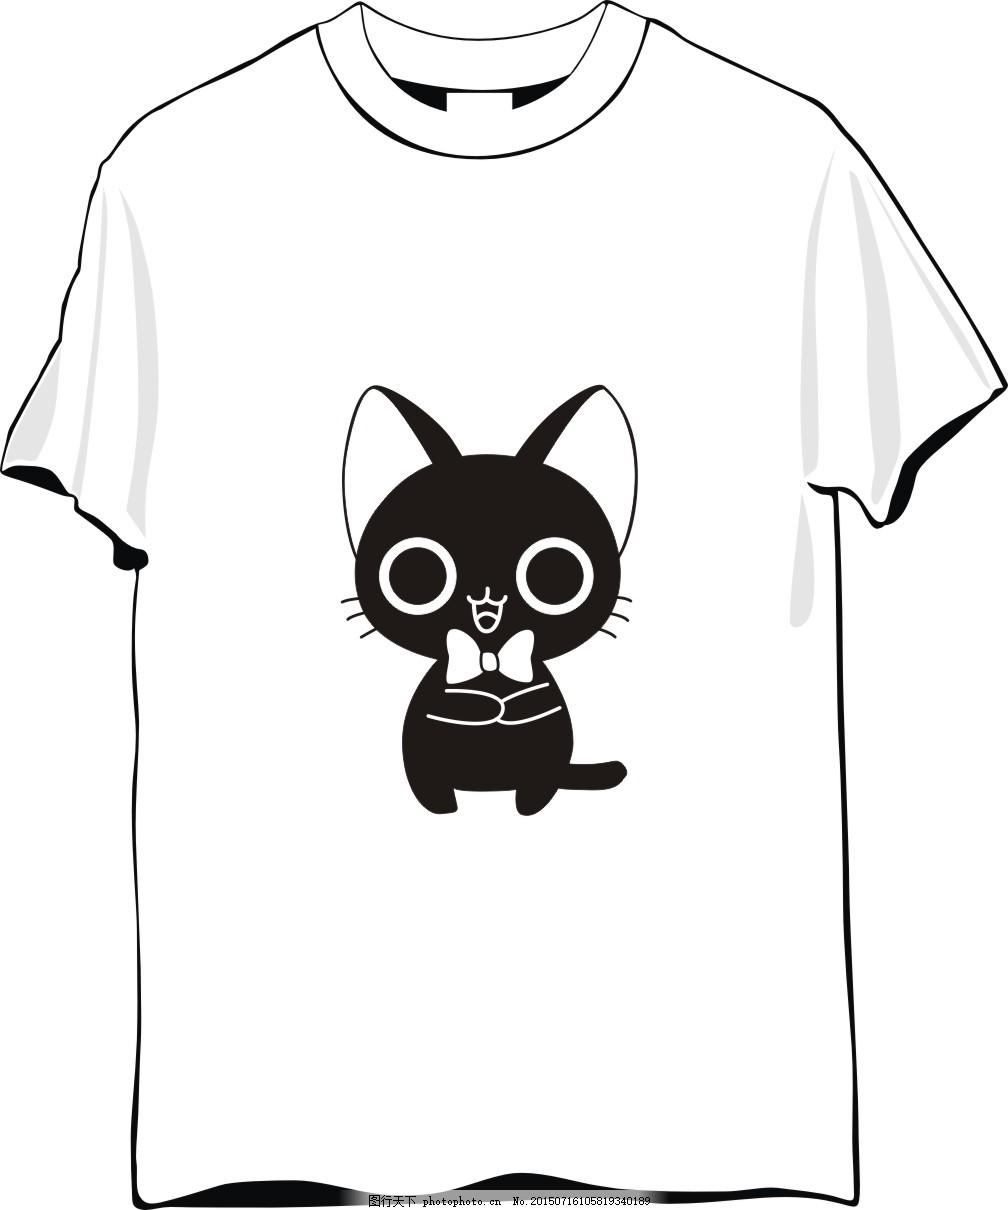 小猫纪念t恤设计 t恤 白色 涂鸦 手绘 彩色 卡通 矢量图 小动物 cdr c